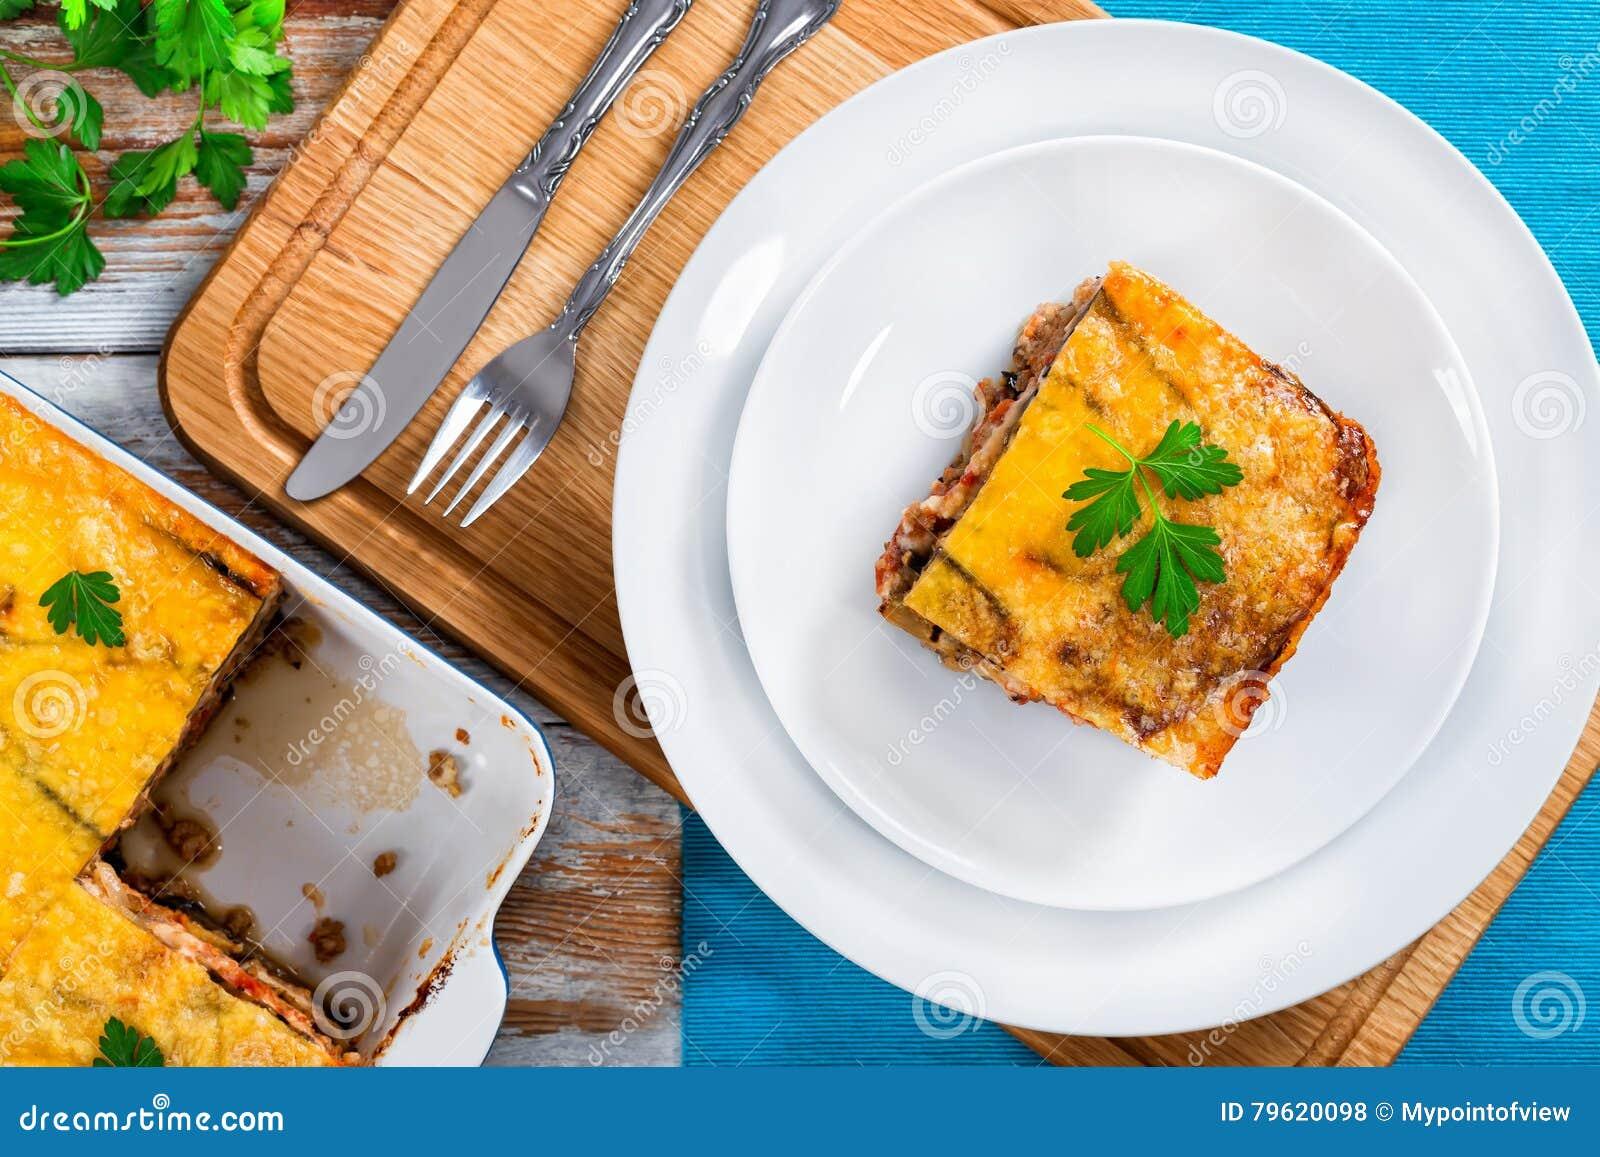 Parcela de moussaka delicioso decorada com salsa